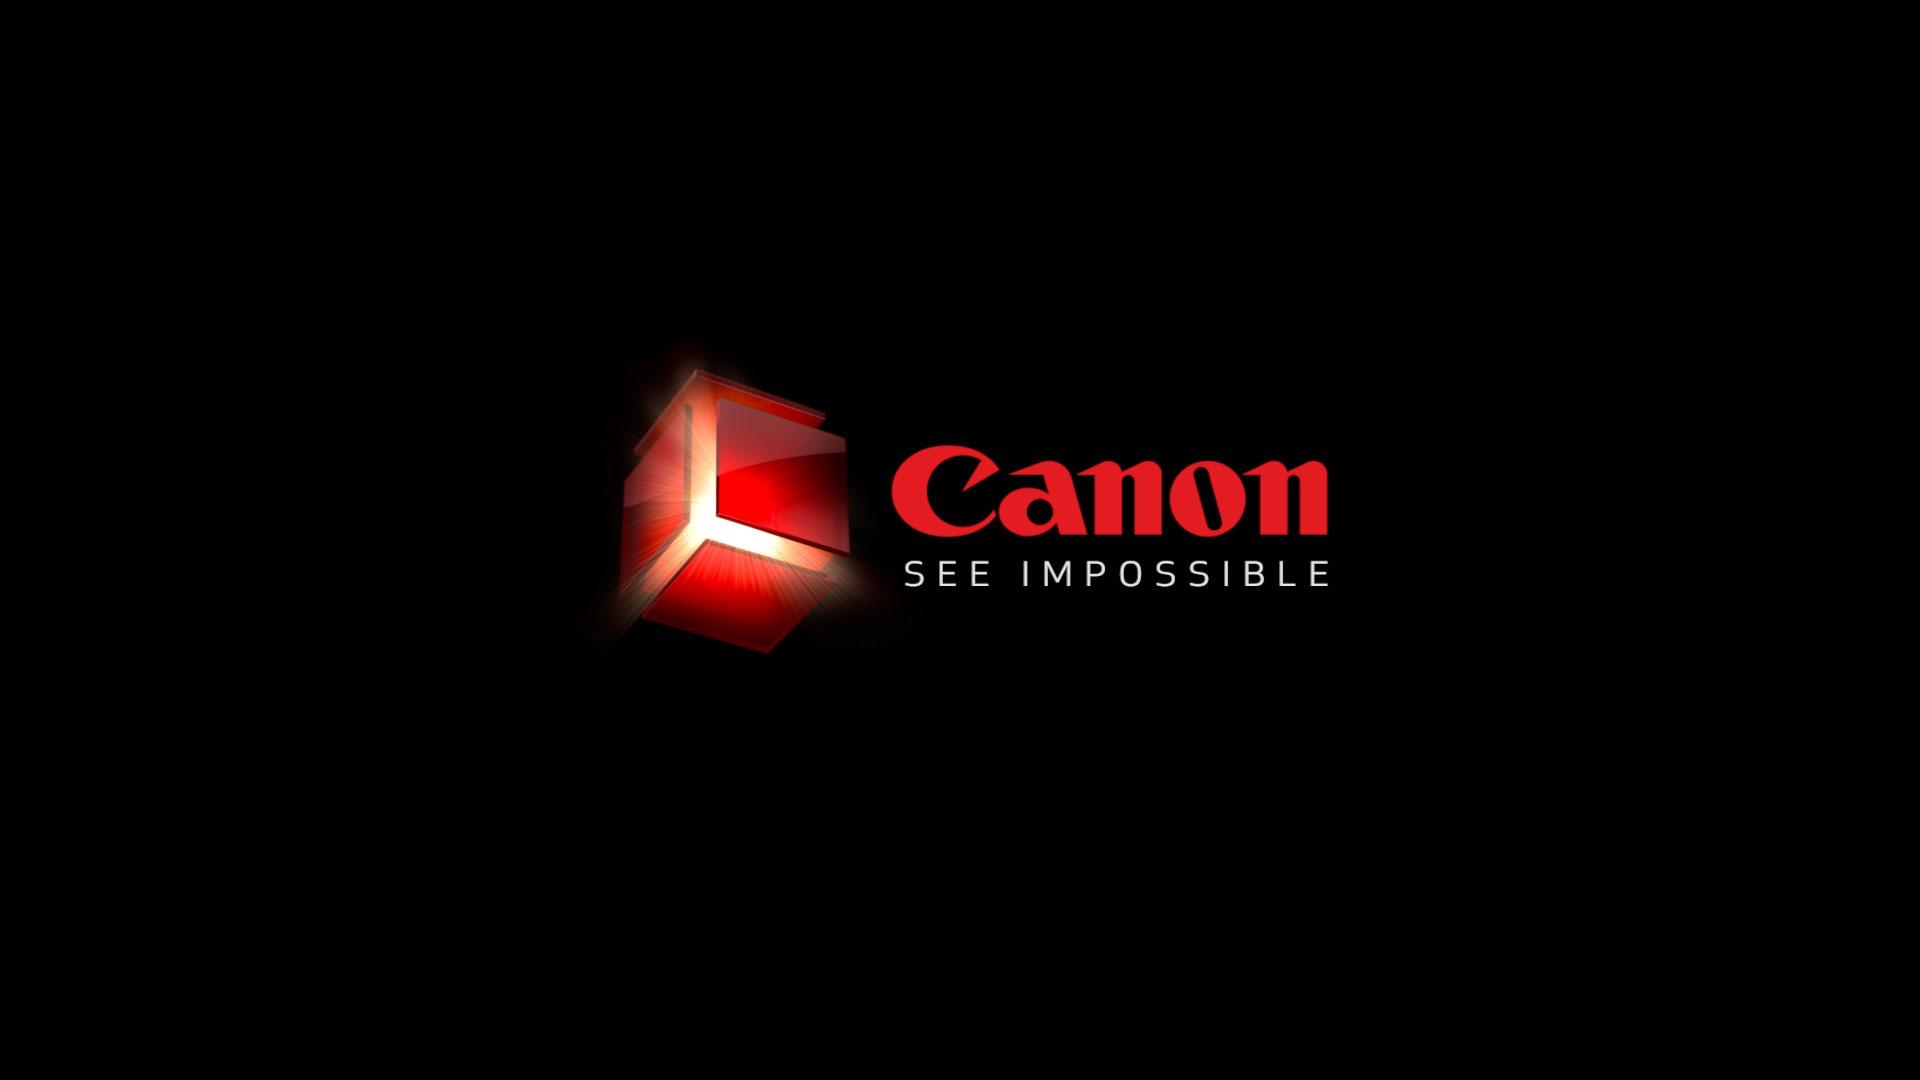 lavoro canon